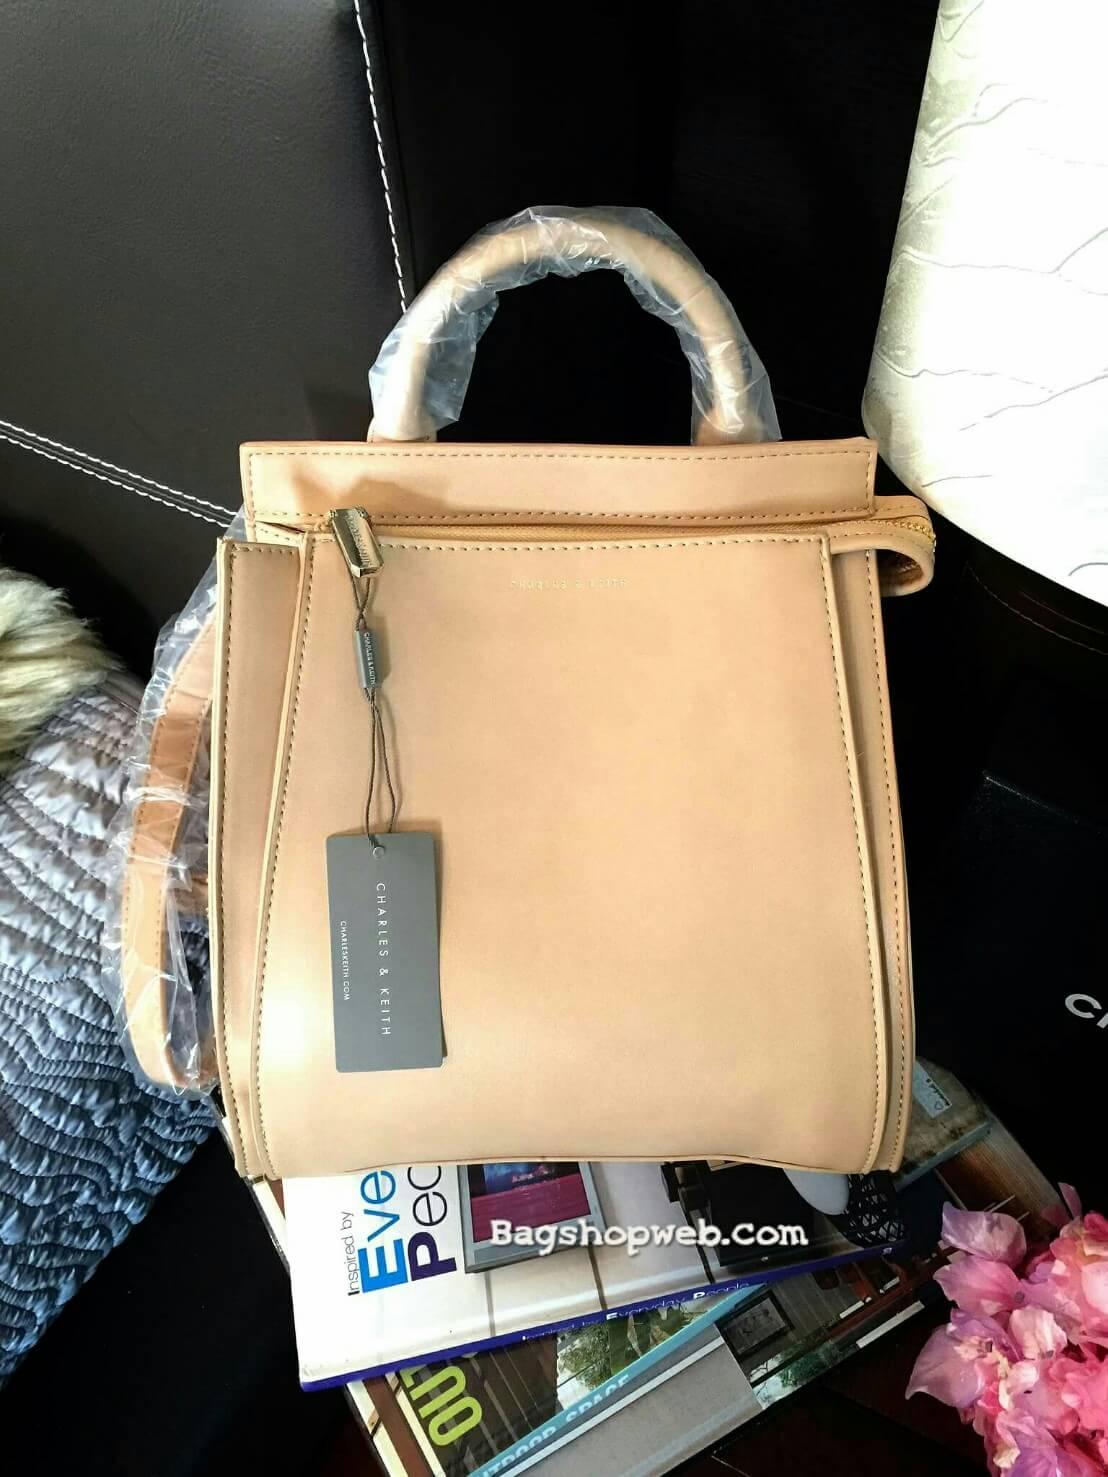 กระเป๋า CHARLES & KEITH TOP HANDLE BAG สีเบจ กระเป๋าถือหรือสะพายรุ่นใหม่ล่าสุดแบบชนช็อป